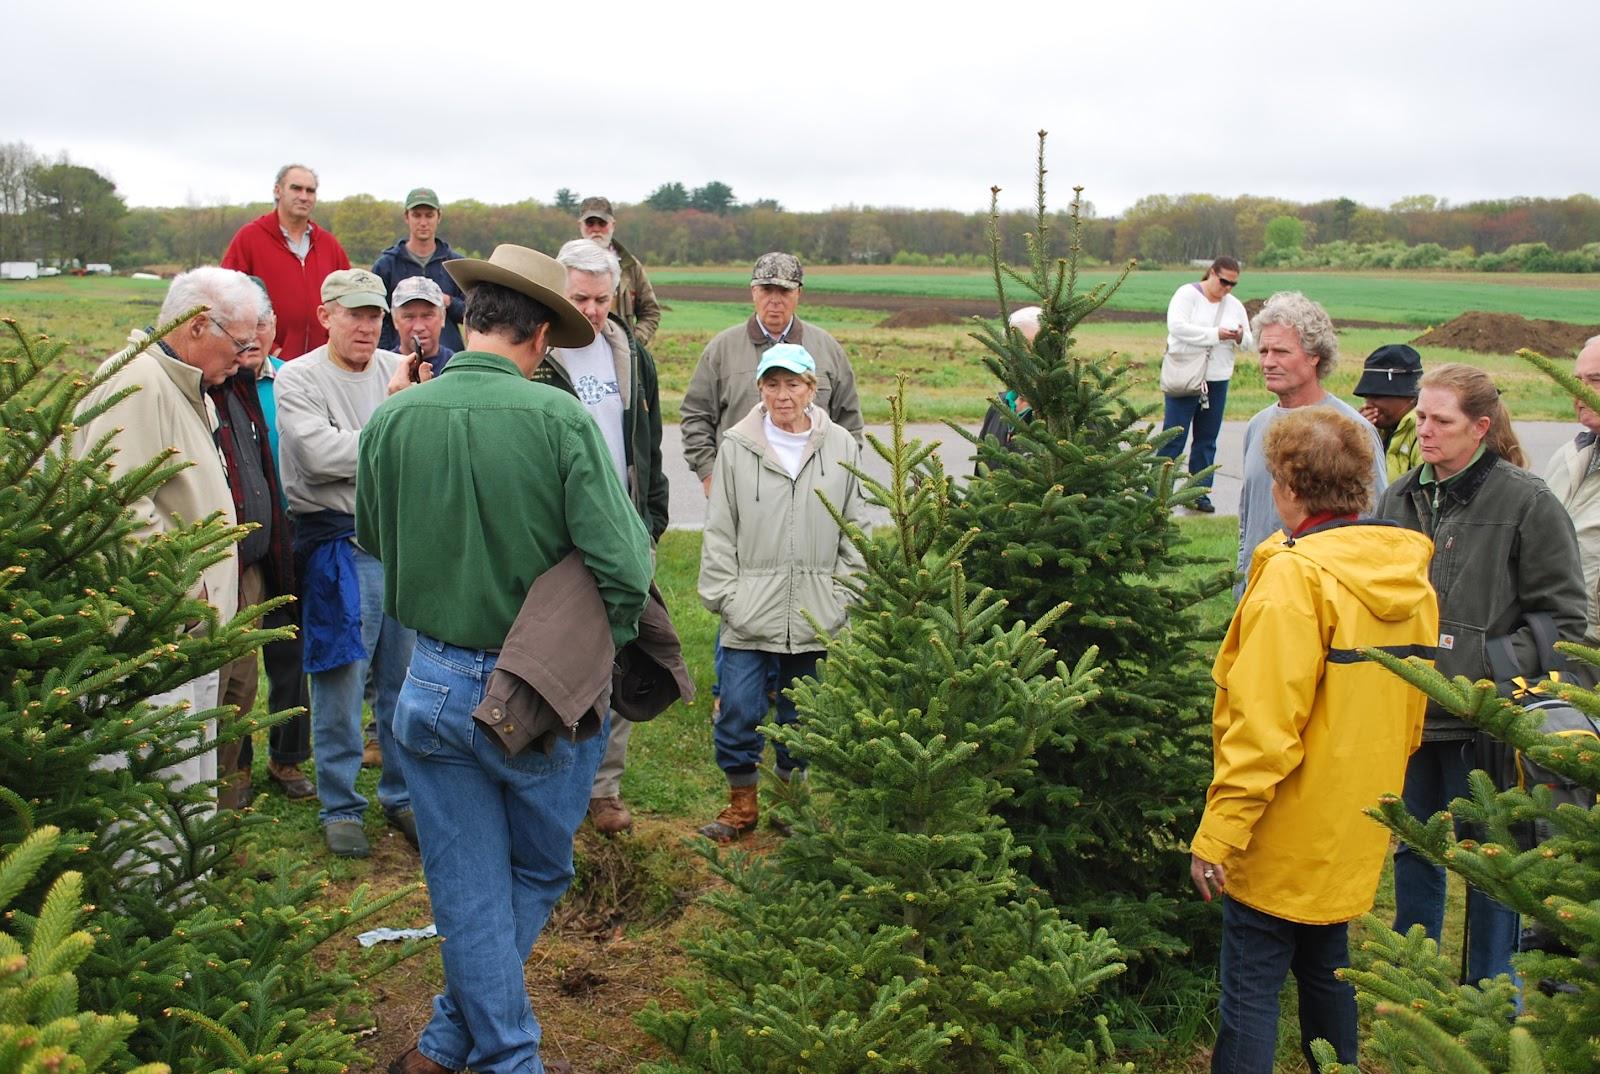 RI Christmas Tree Growers